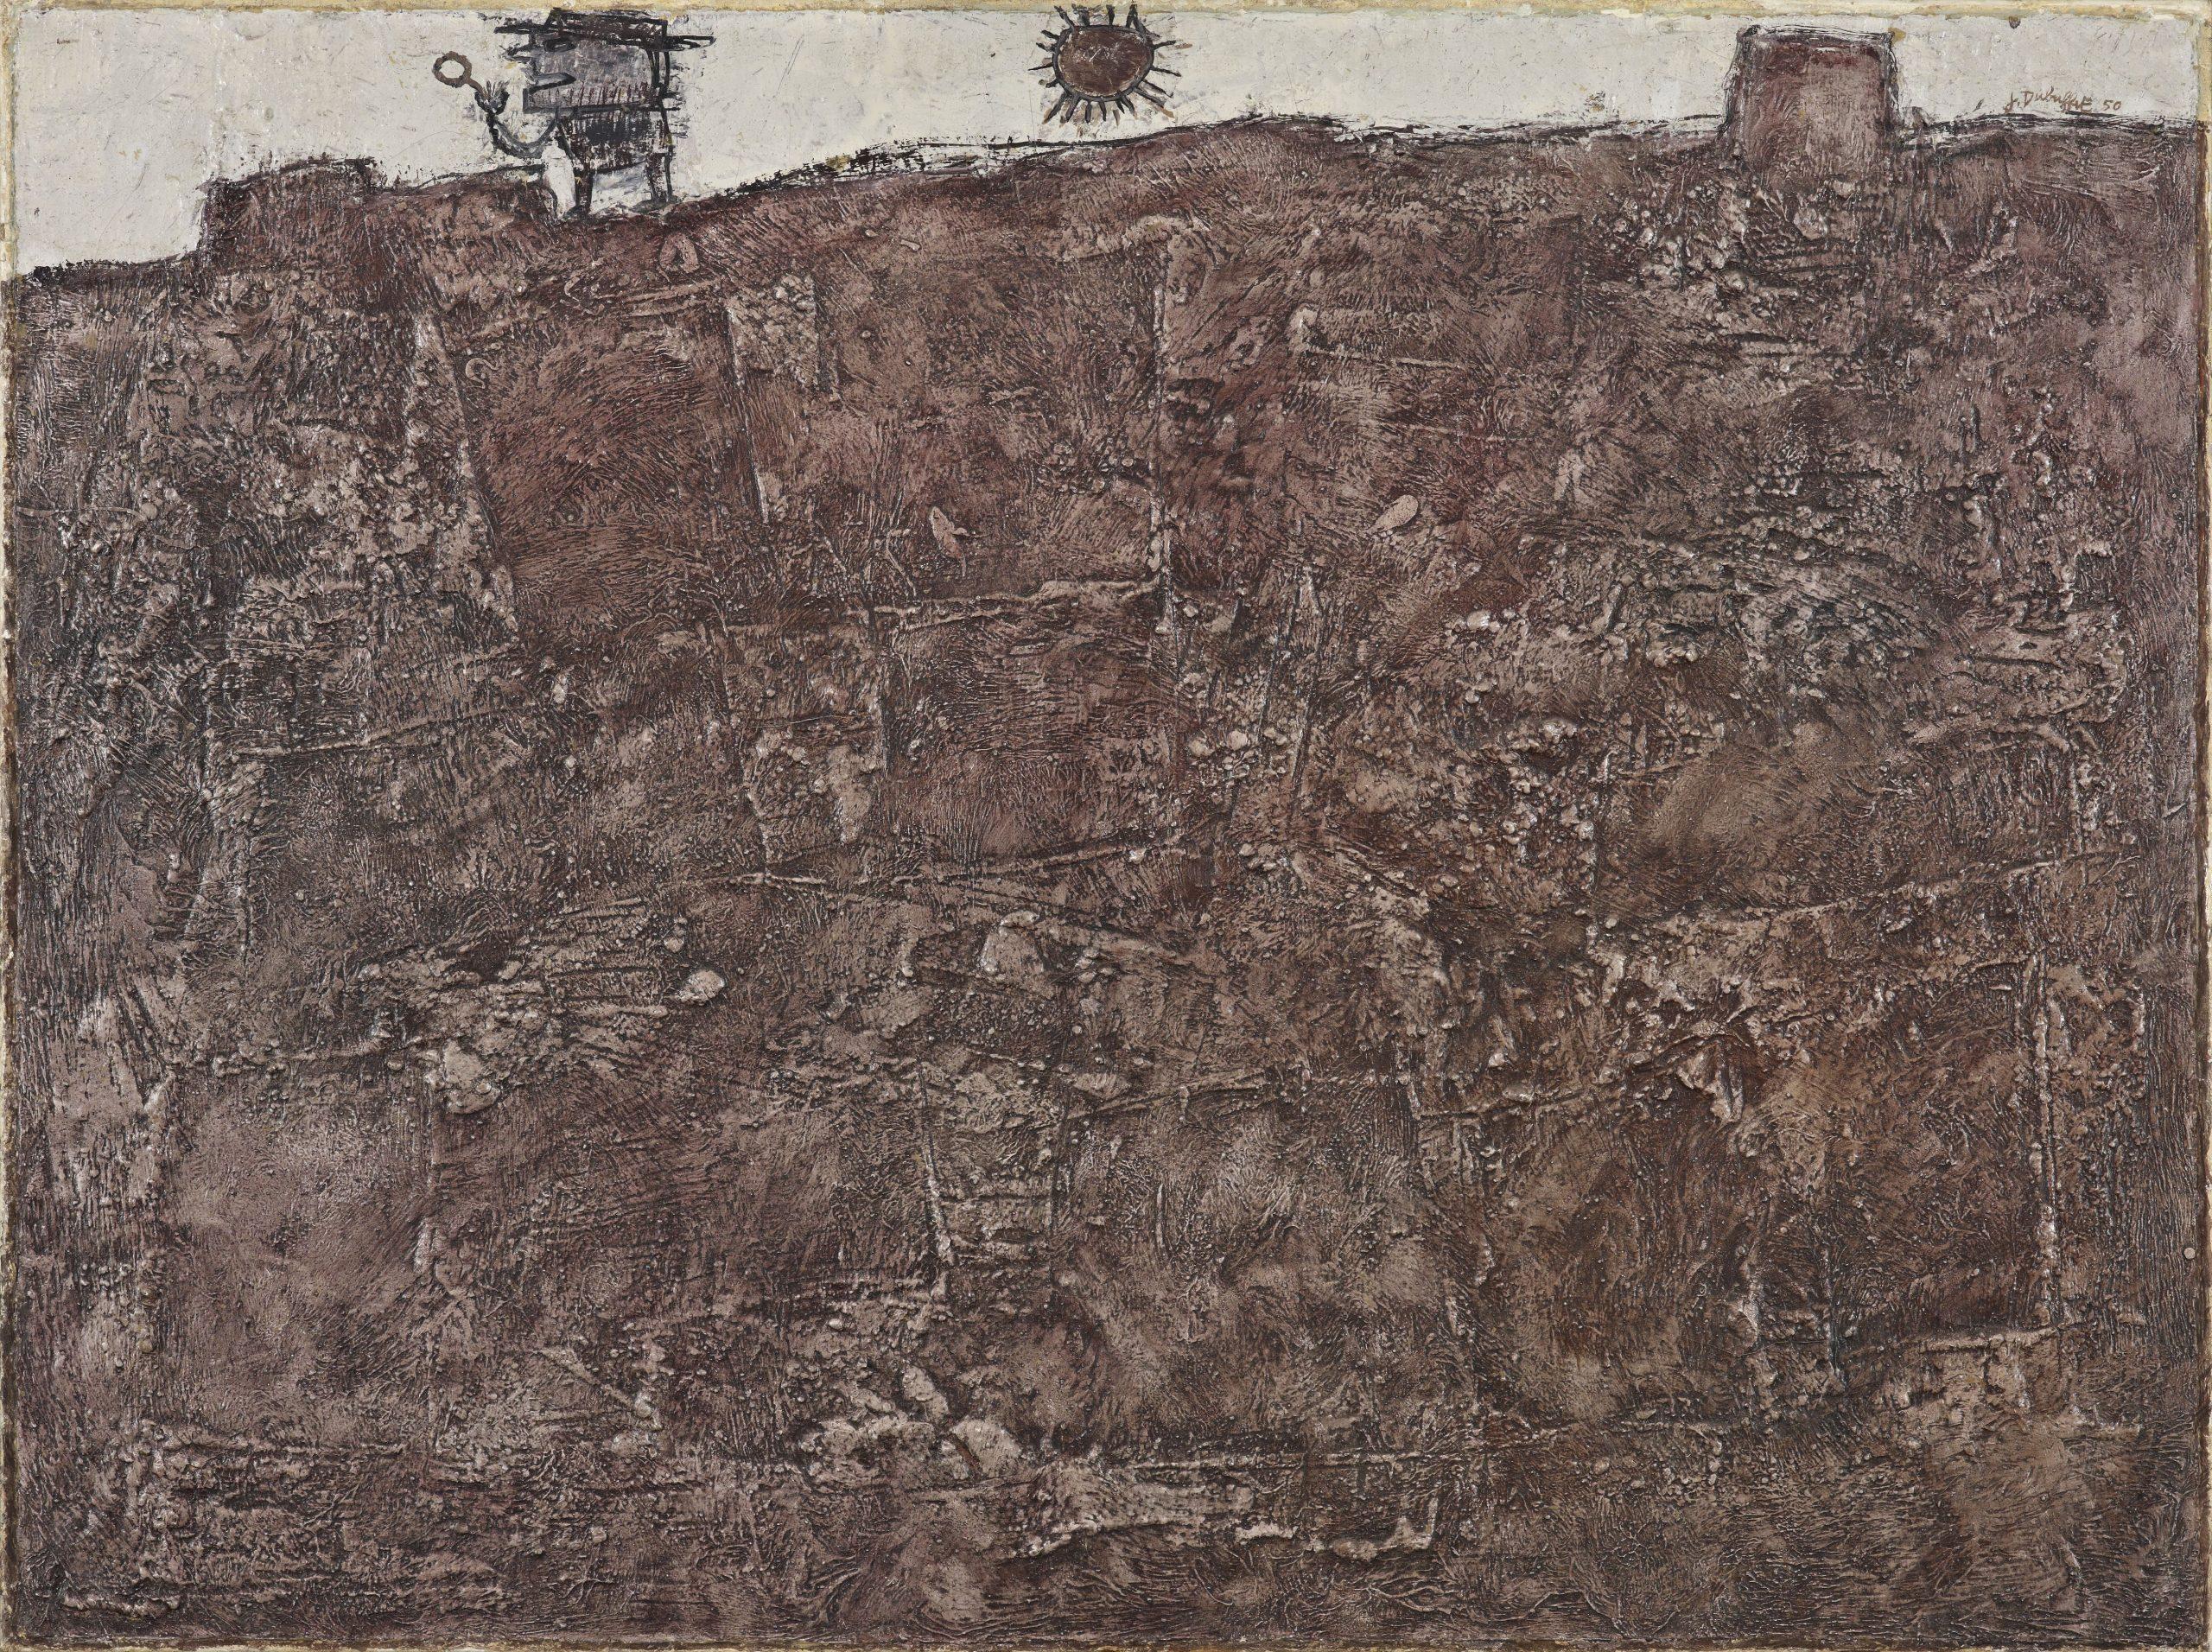 Le géologue serie Tables paysagées paysages du mental pierres philosophiques 1950 Fondation Gandur pour lArt Genéve scaled